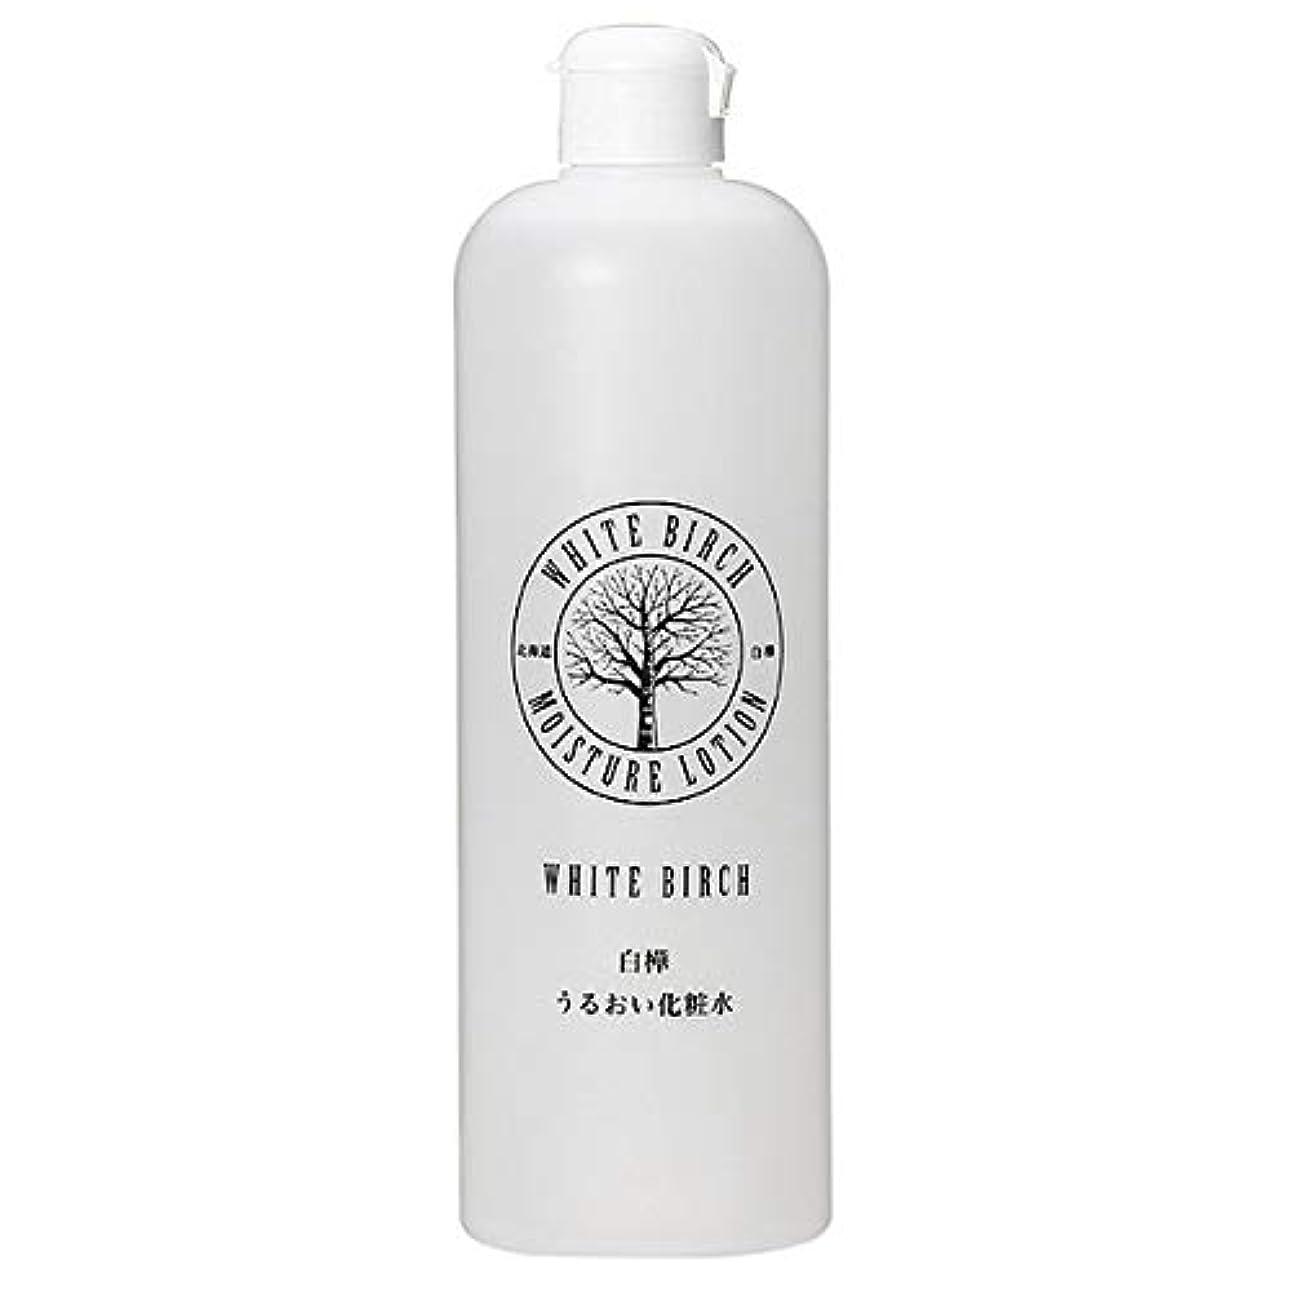 ゆるく書くブランチ北海道アンソロポロジー 白樺うるおい化粧水 500mL